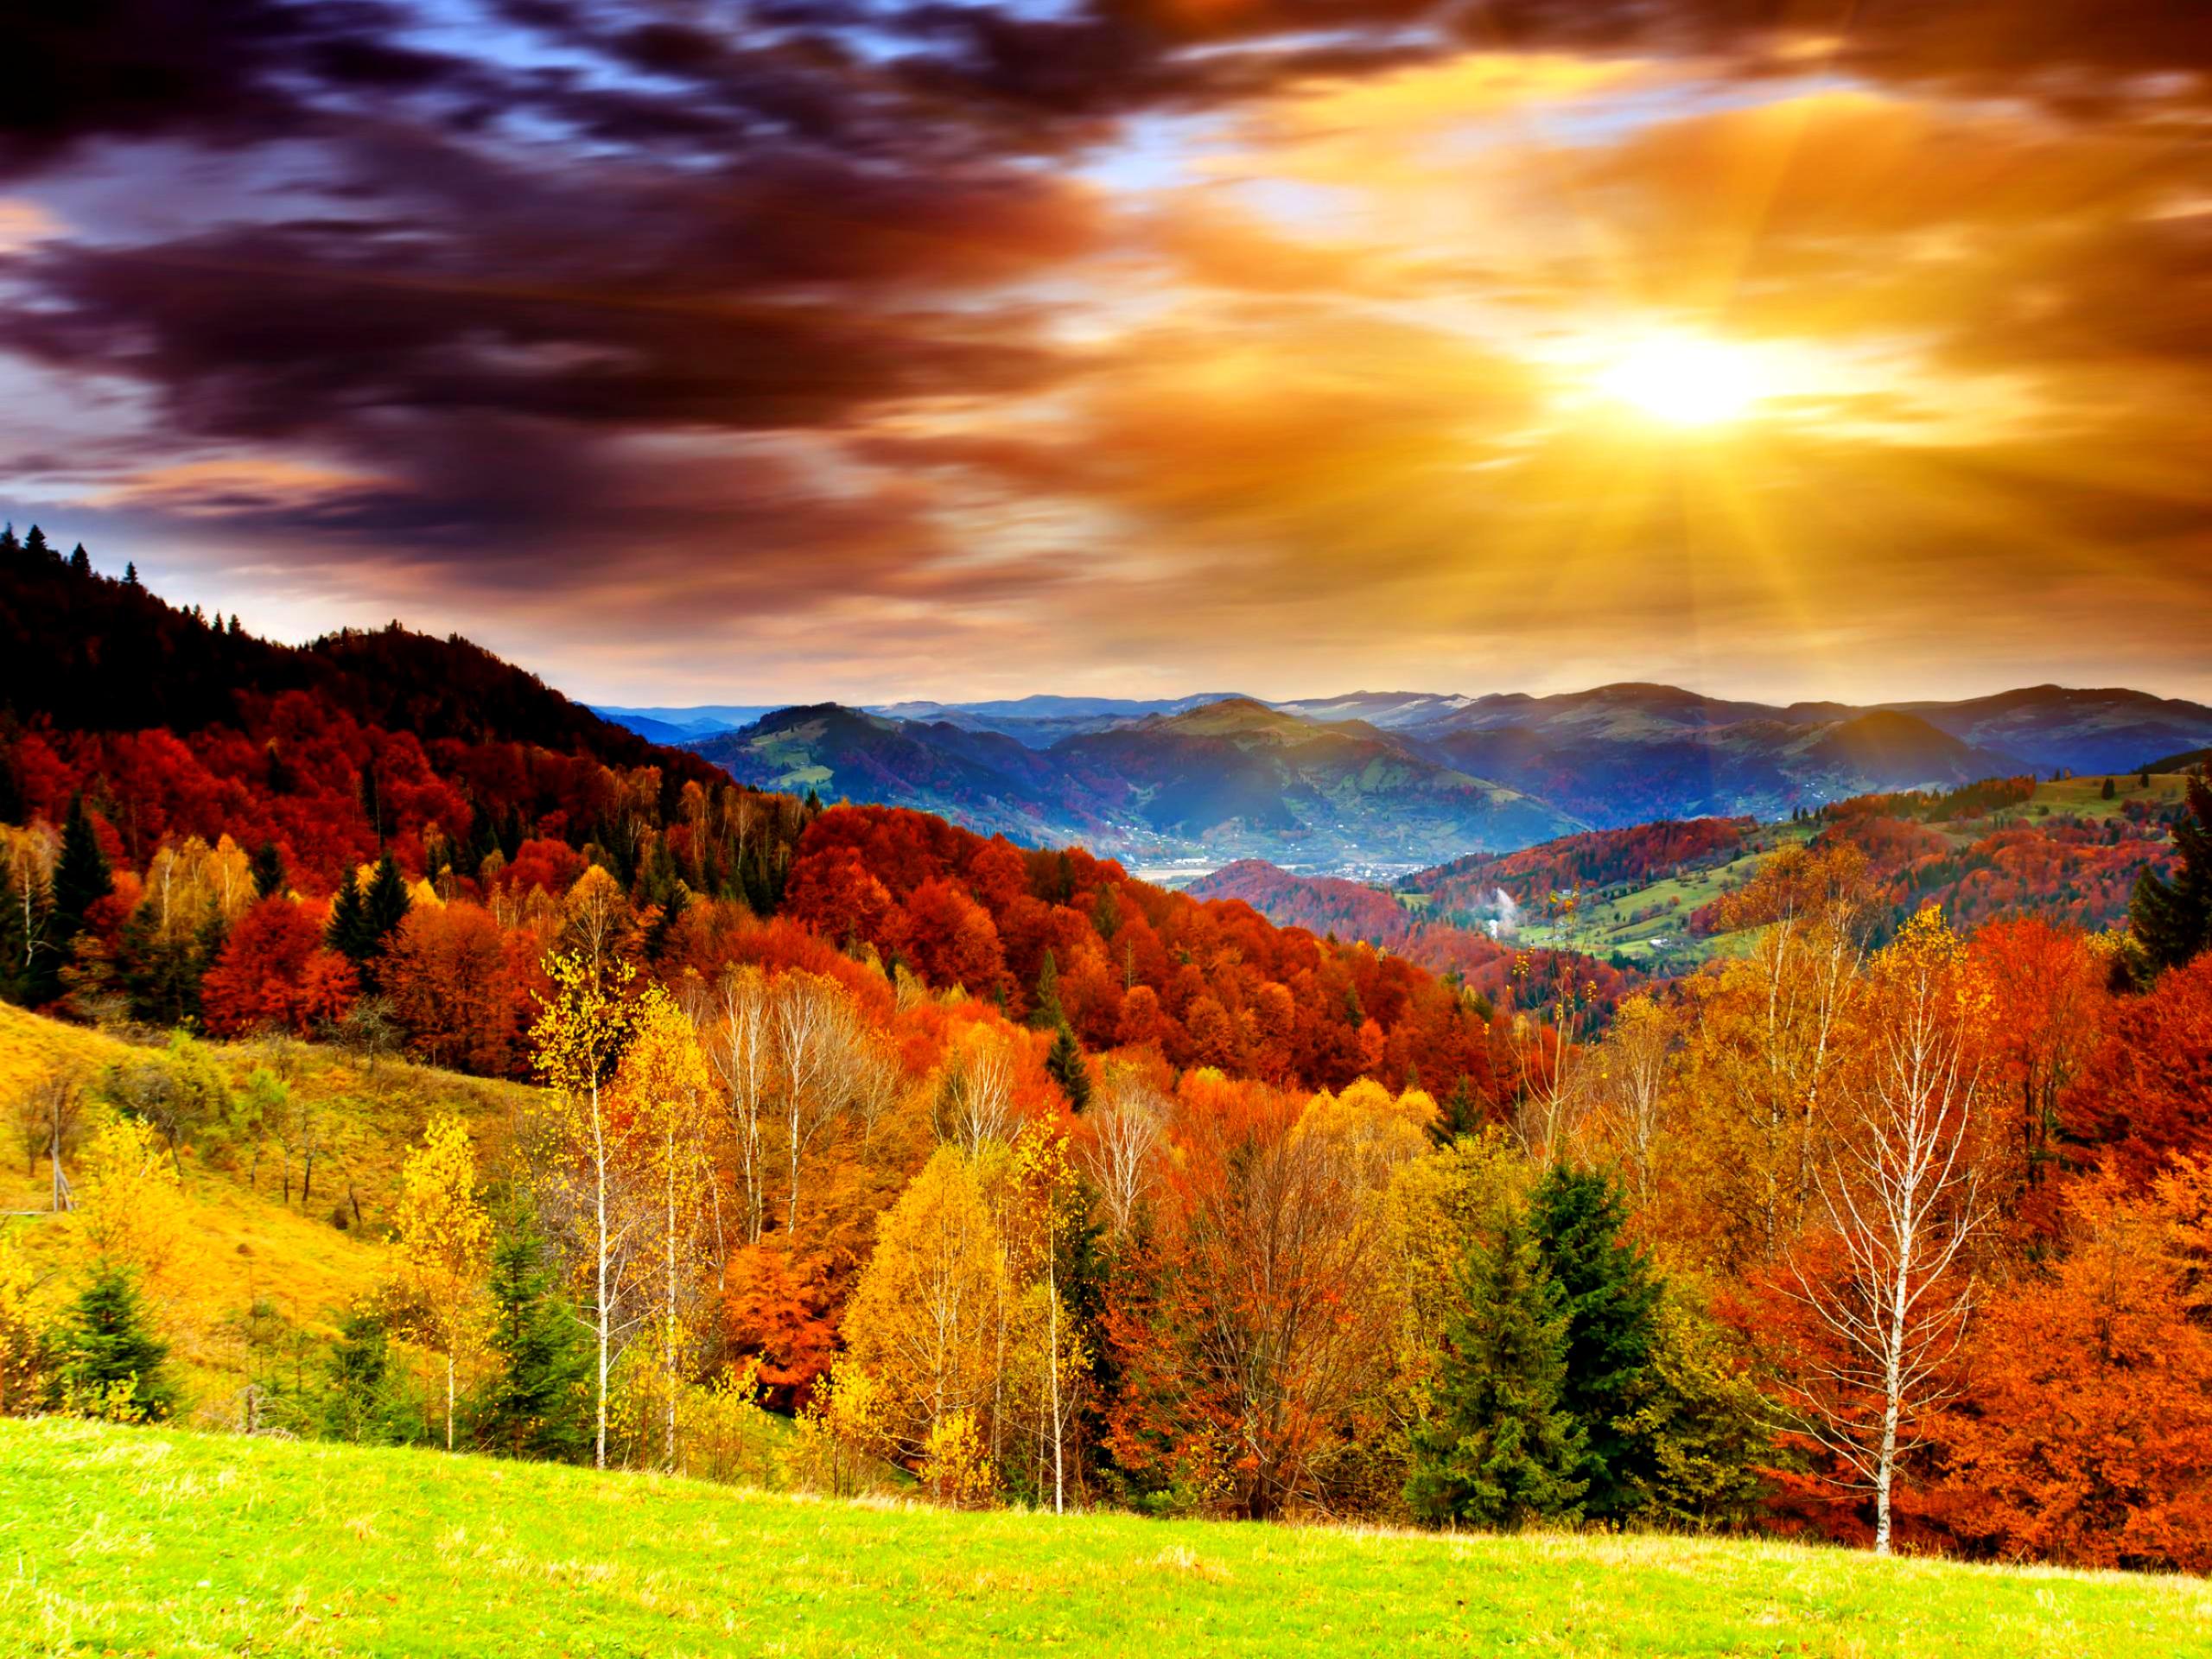 Fall Hd Wallpapers 1080p Widescreen 3d High Resolution Images Pixelstalk Net